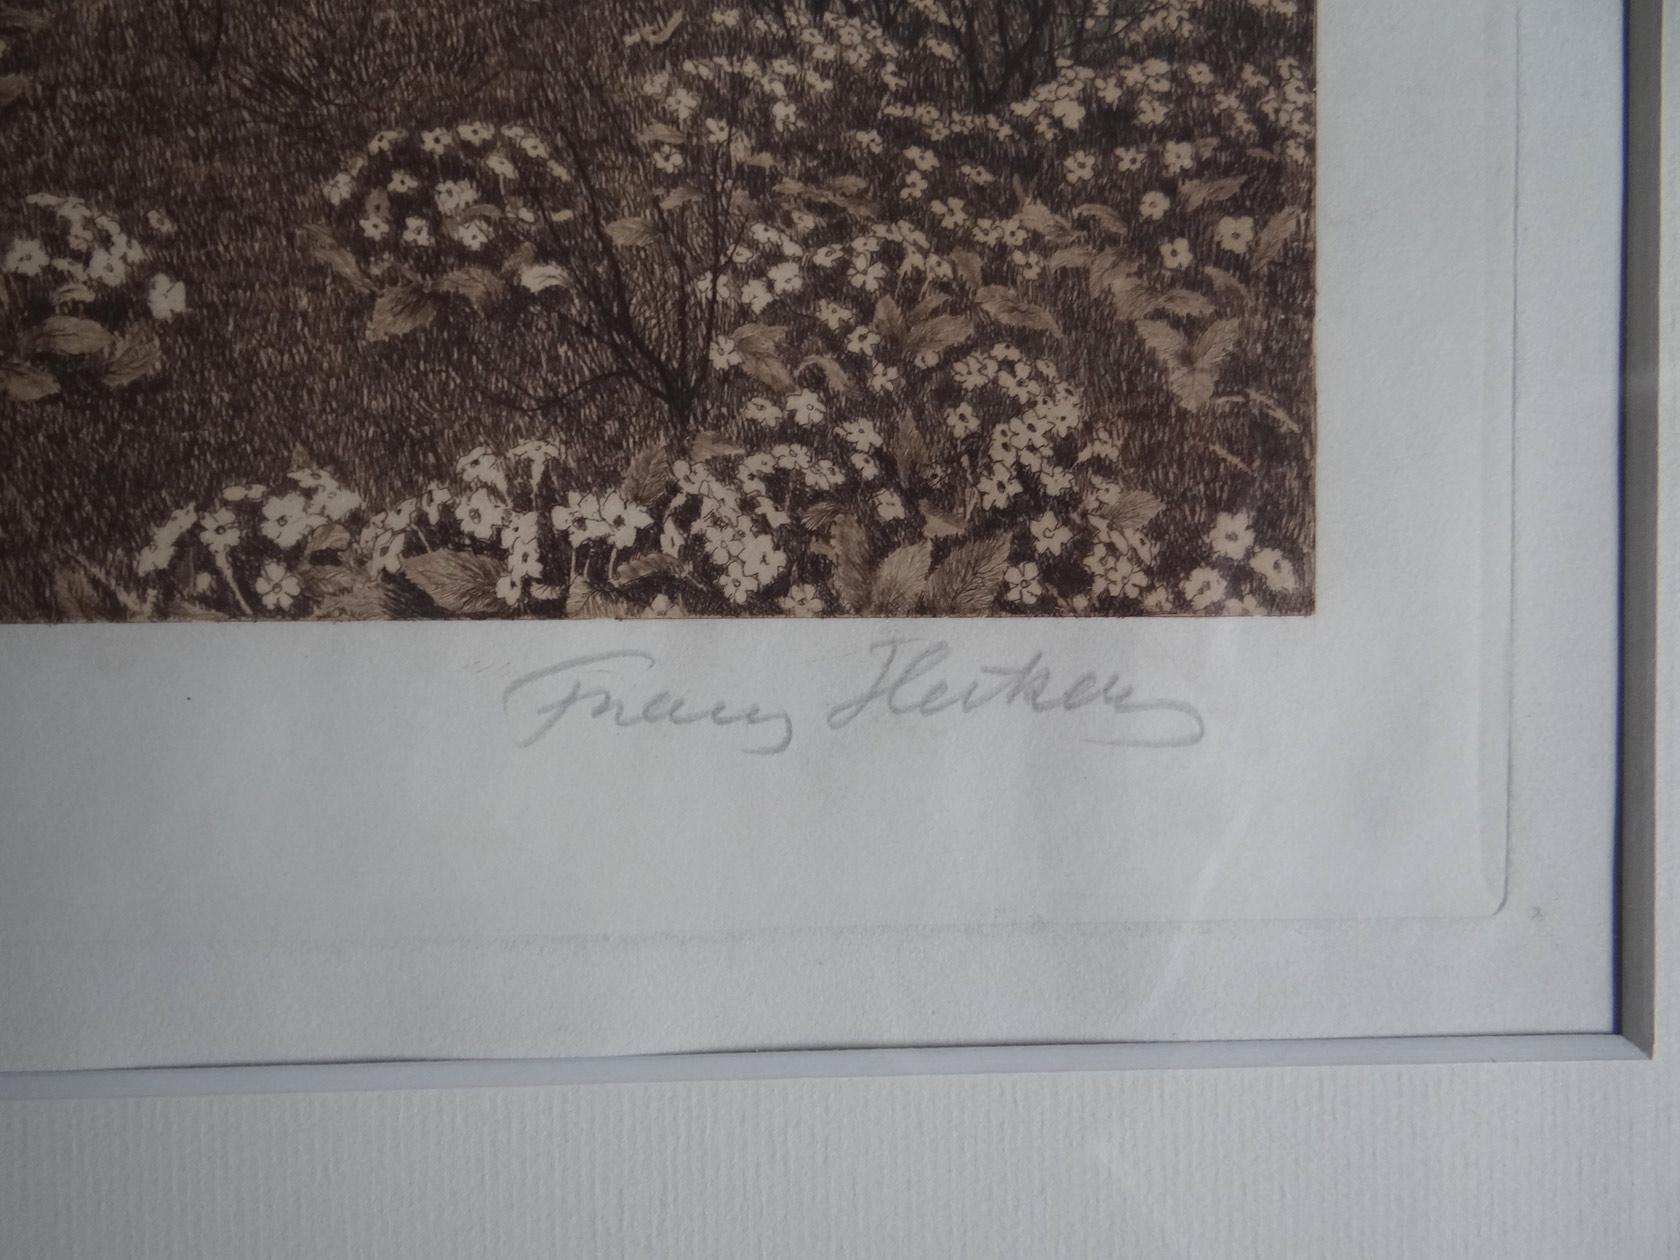 Franz Hecker Primula veris